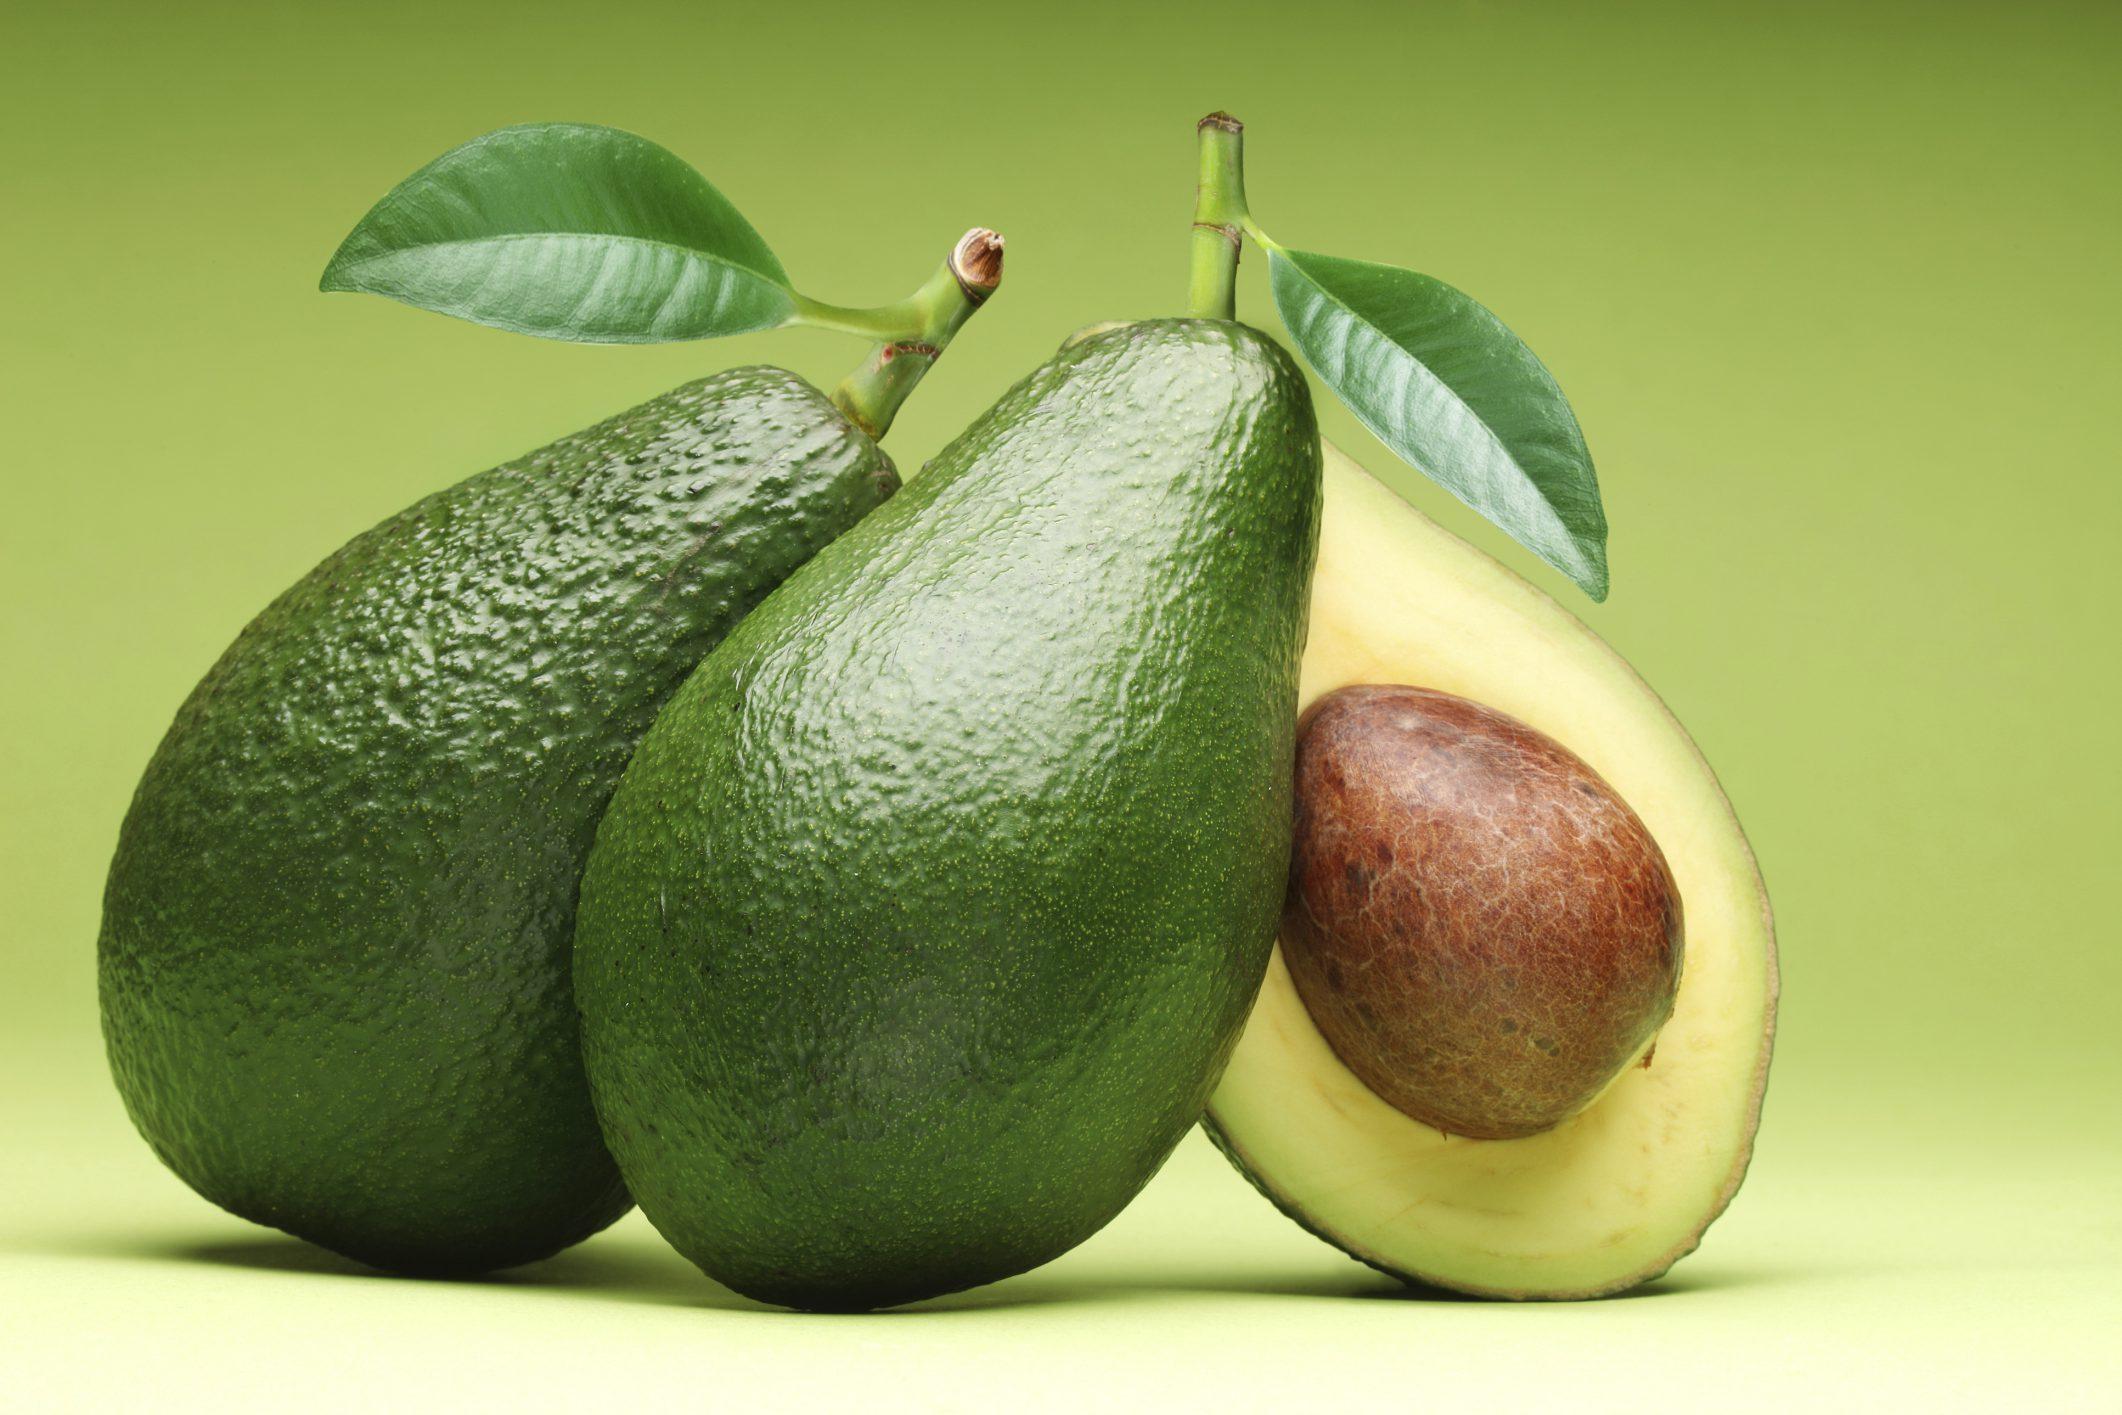 Плоды Авокадо или Персея (Avocado Persea)